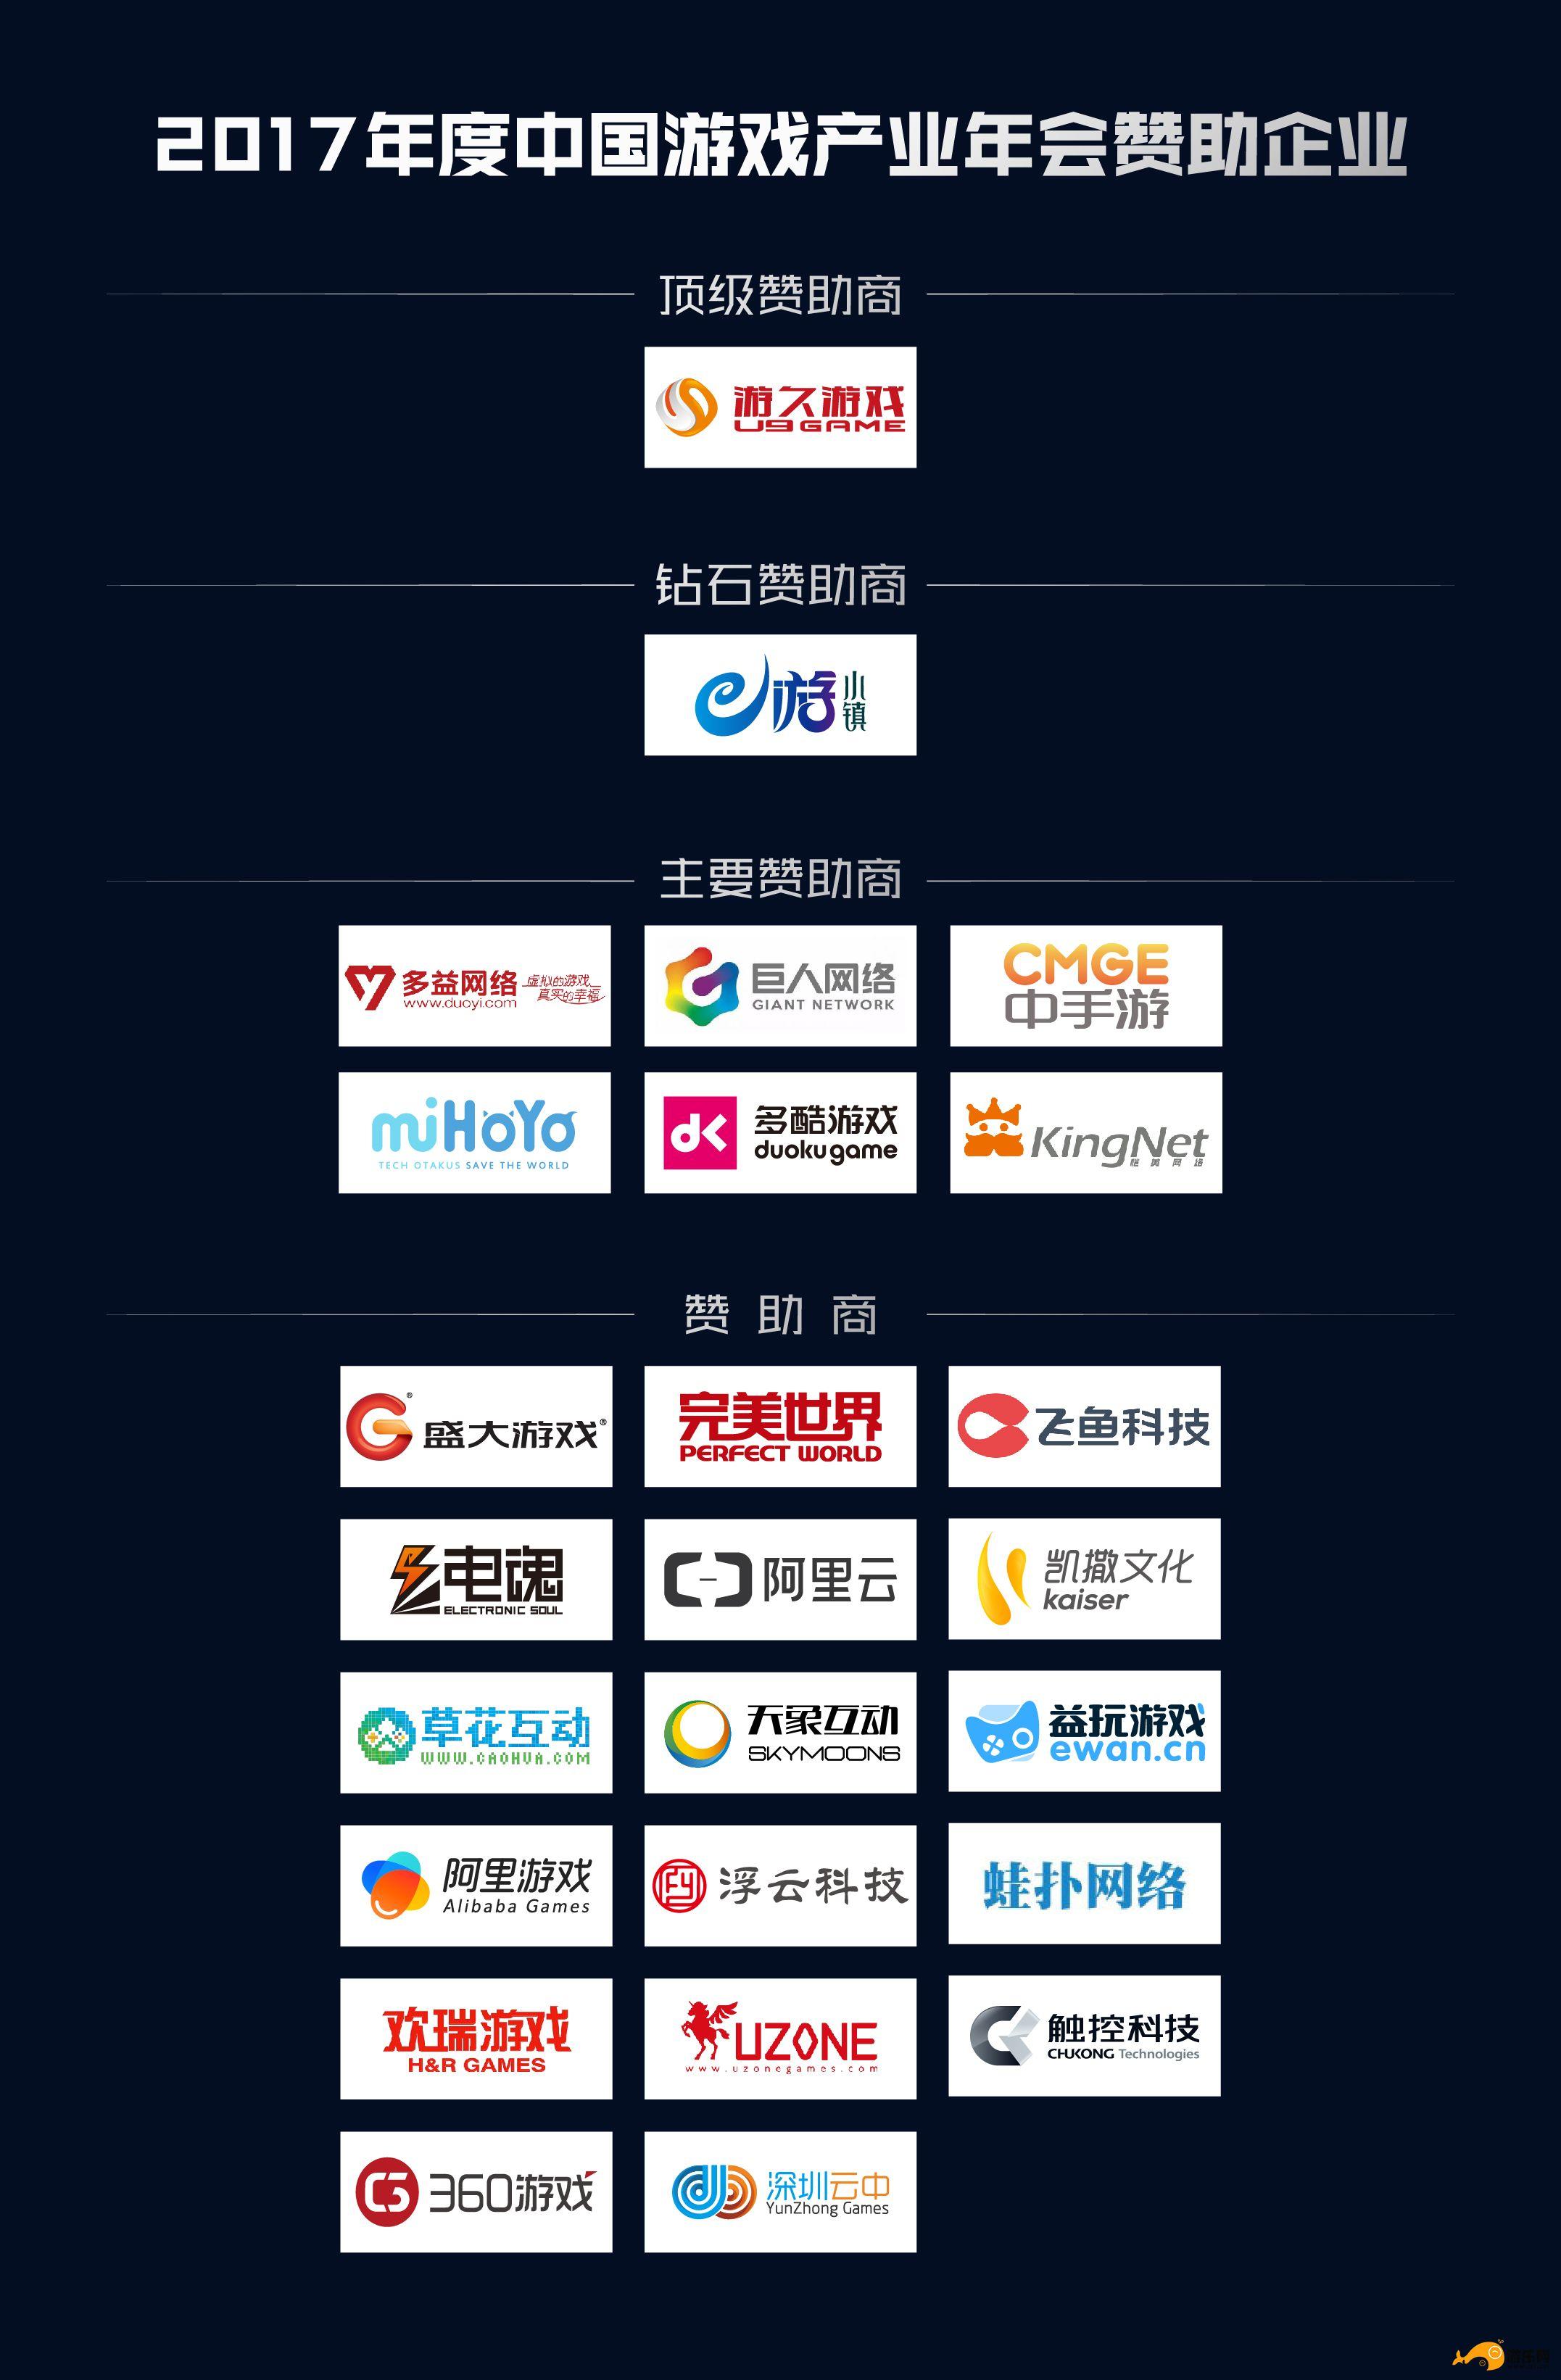 米哈游成为2017年度中国游戏产业年会主要赞助商